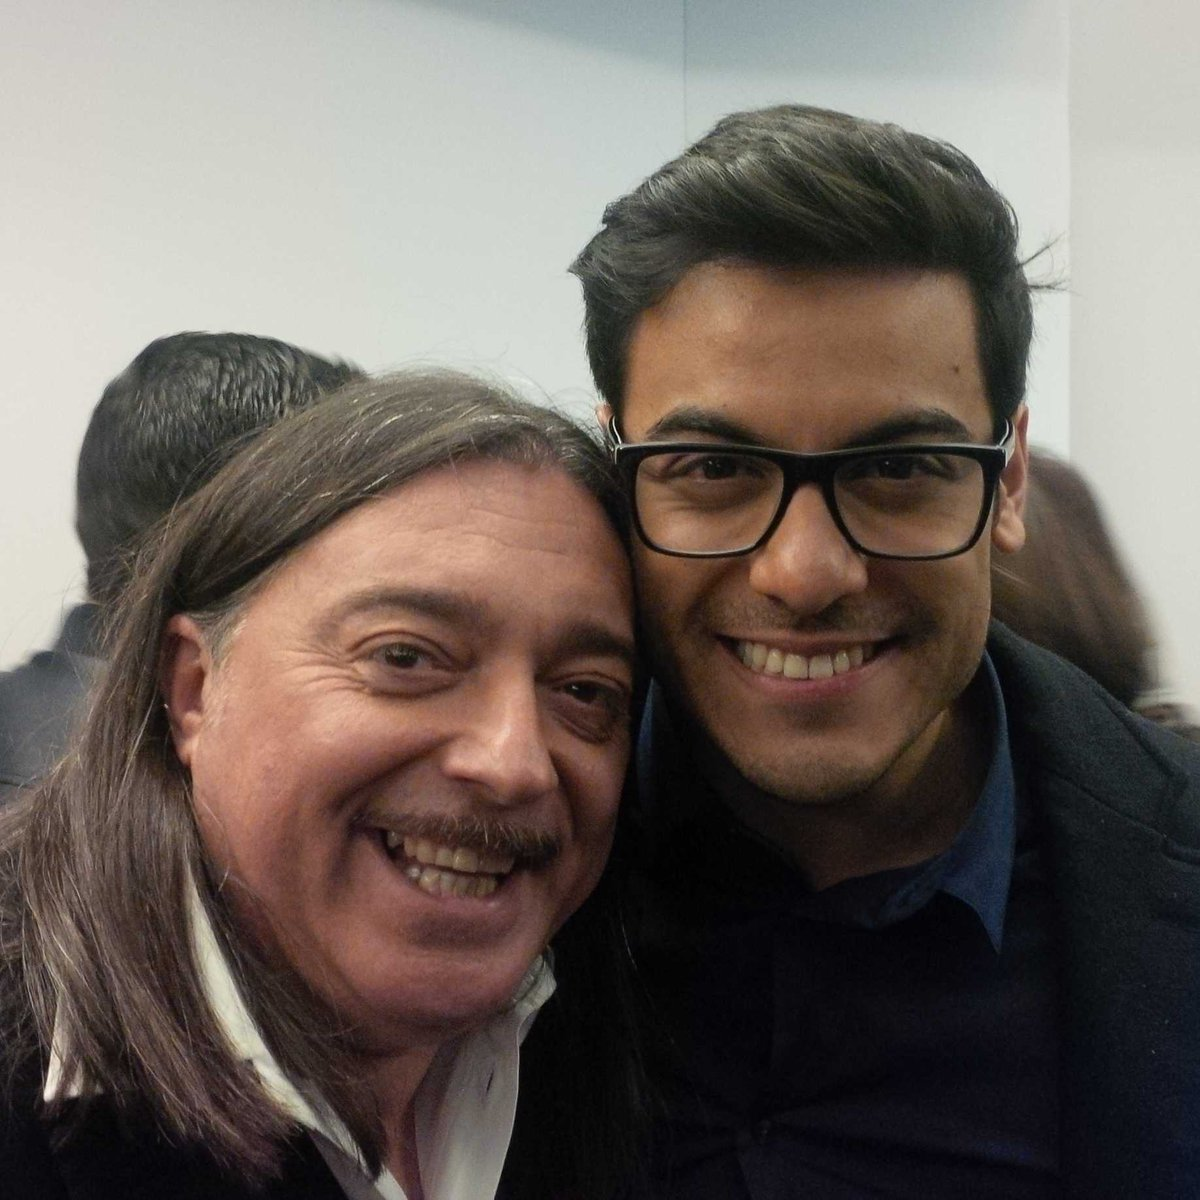 Con mi querido @_CarlosRivera en los #premiosdial en Tenerife @atrevetedial @Cadena_Dial #codigoespecial. Abrazos https://t.co/u88R78CfKK